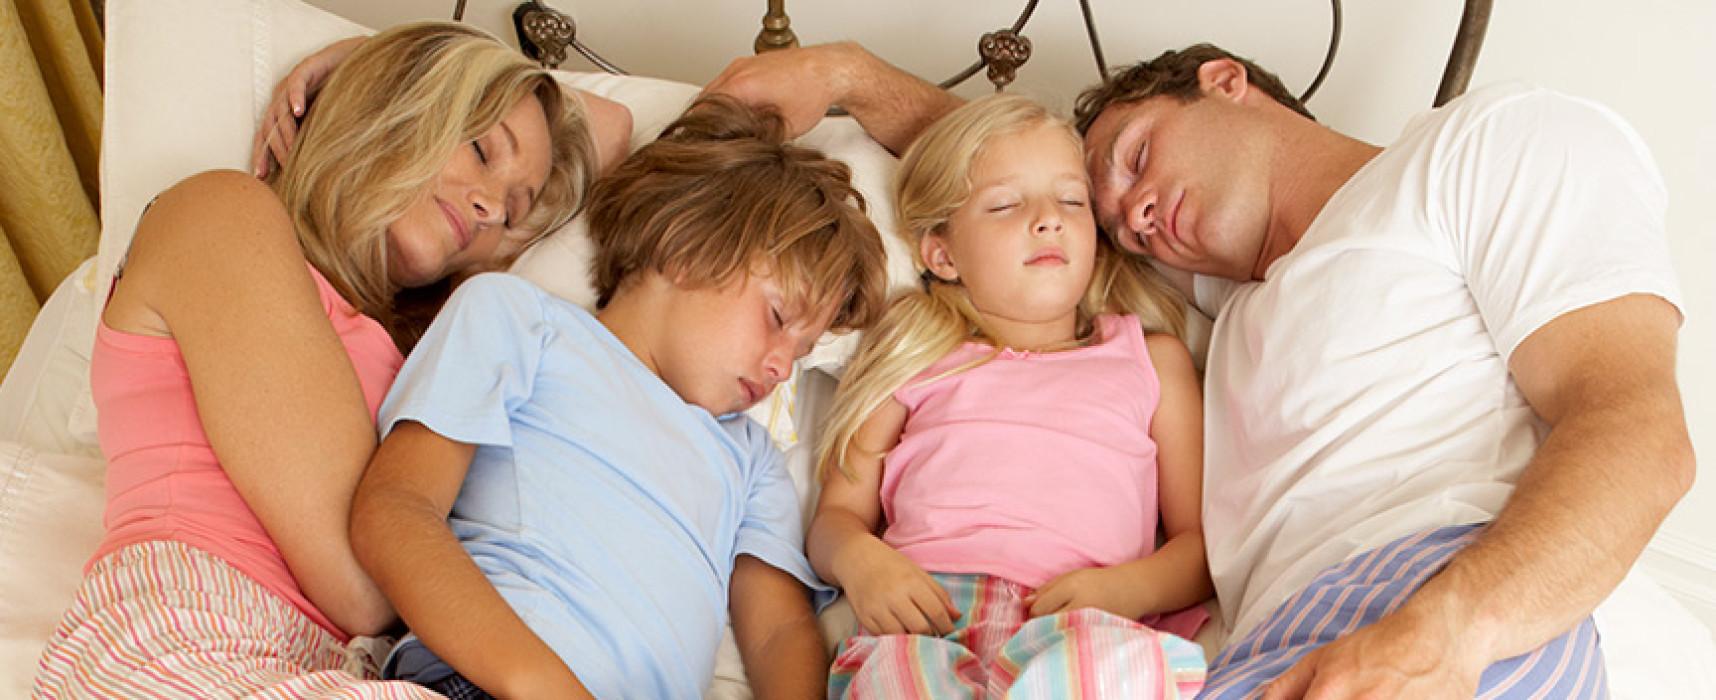 Dormir más reduce el riesgo de diabetes